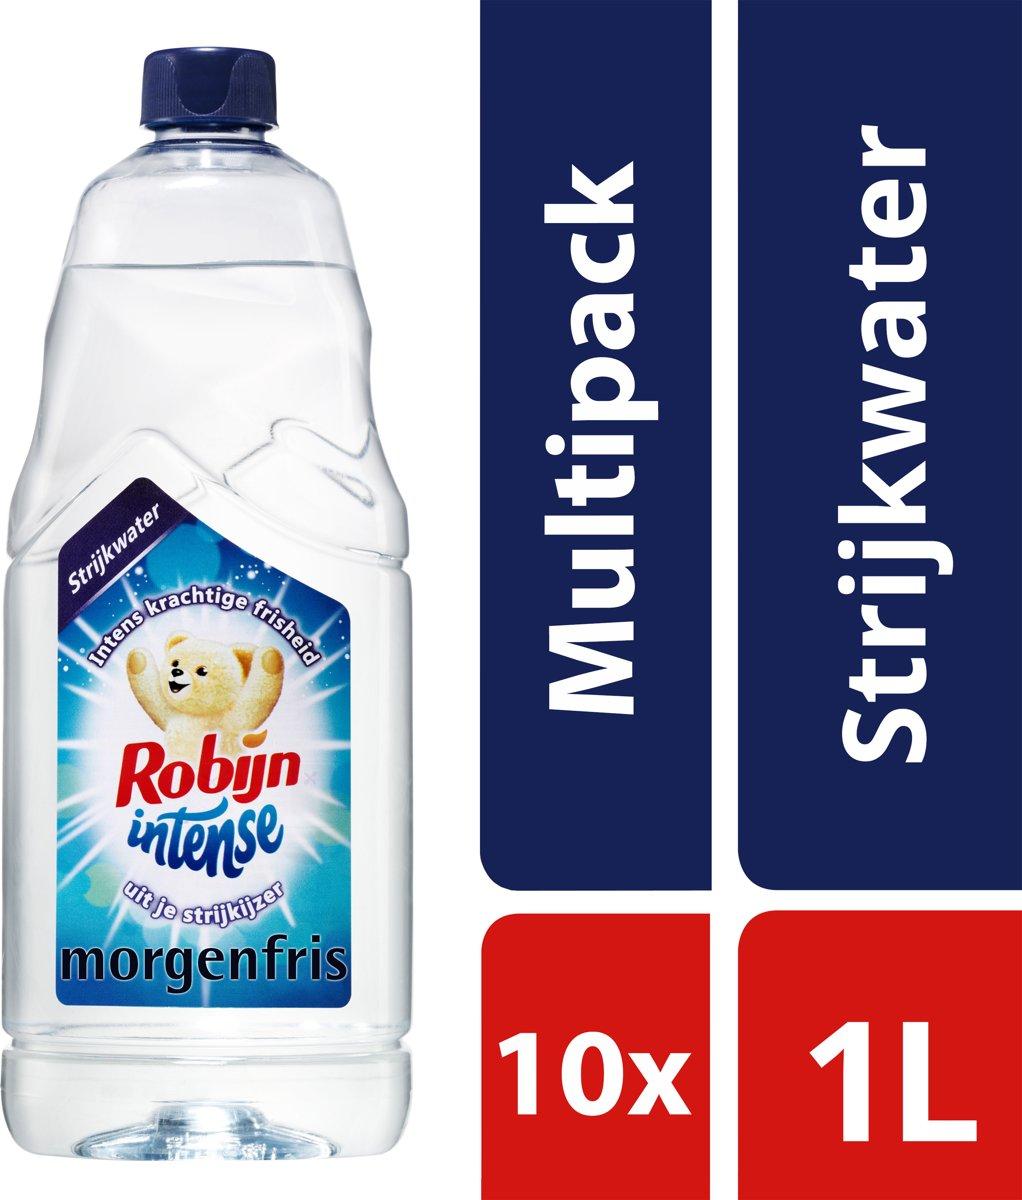 Robijn Intense Strijkwater - 10 x 1 l kopen